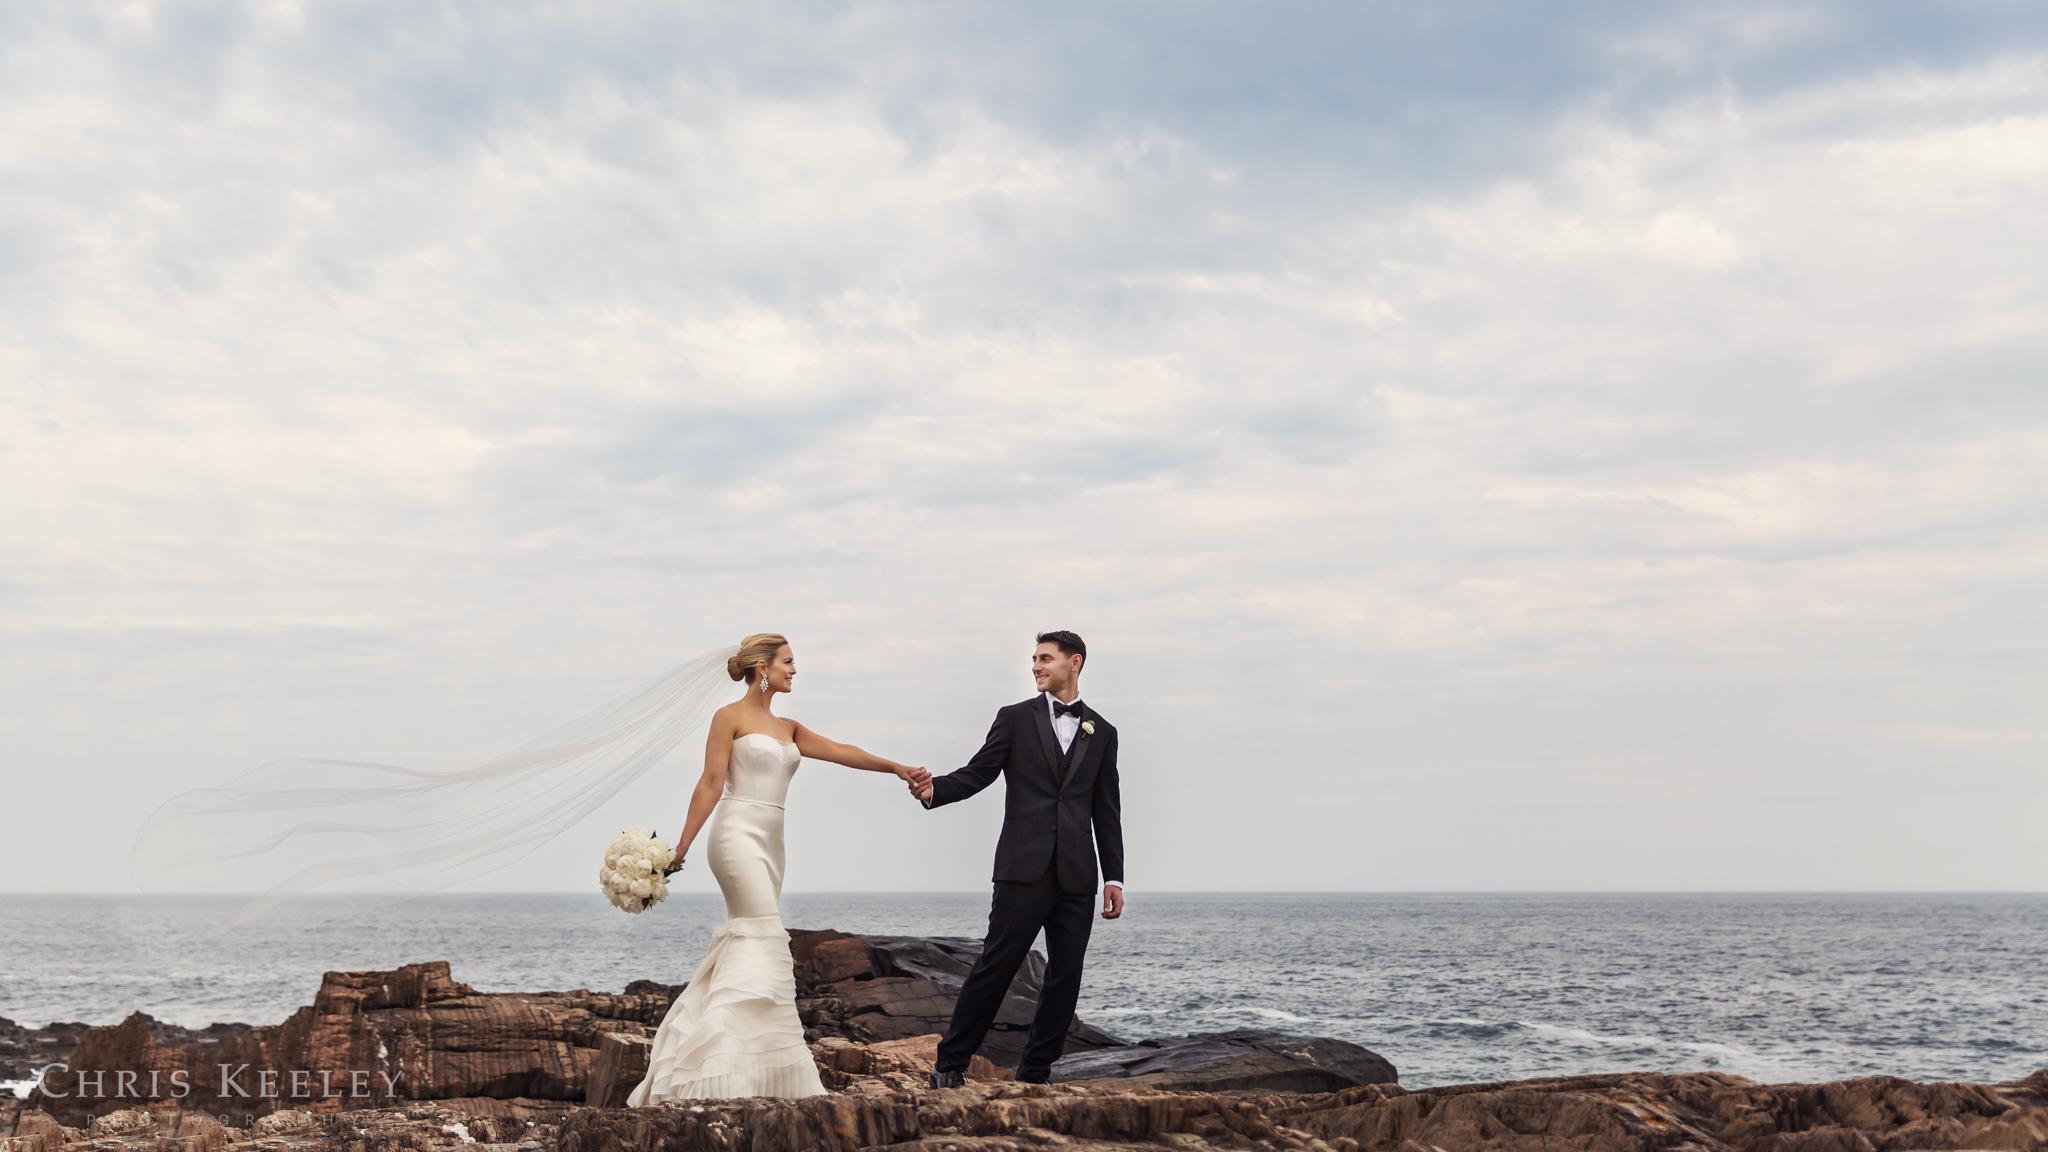 cliff-house-maine-wedding-photographer-chris-keeley-36.jpg